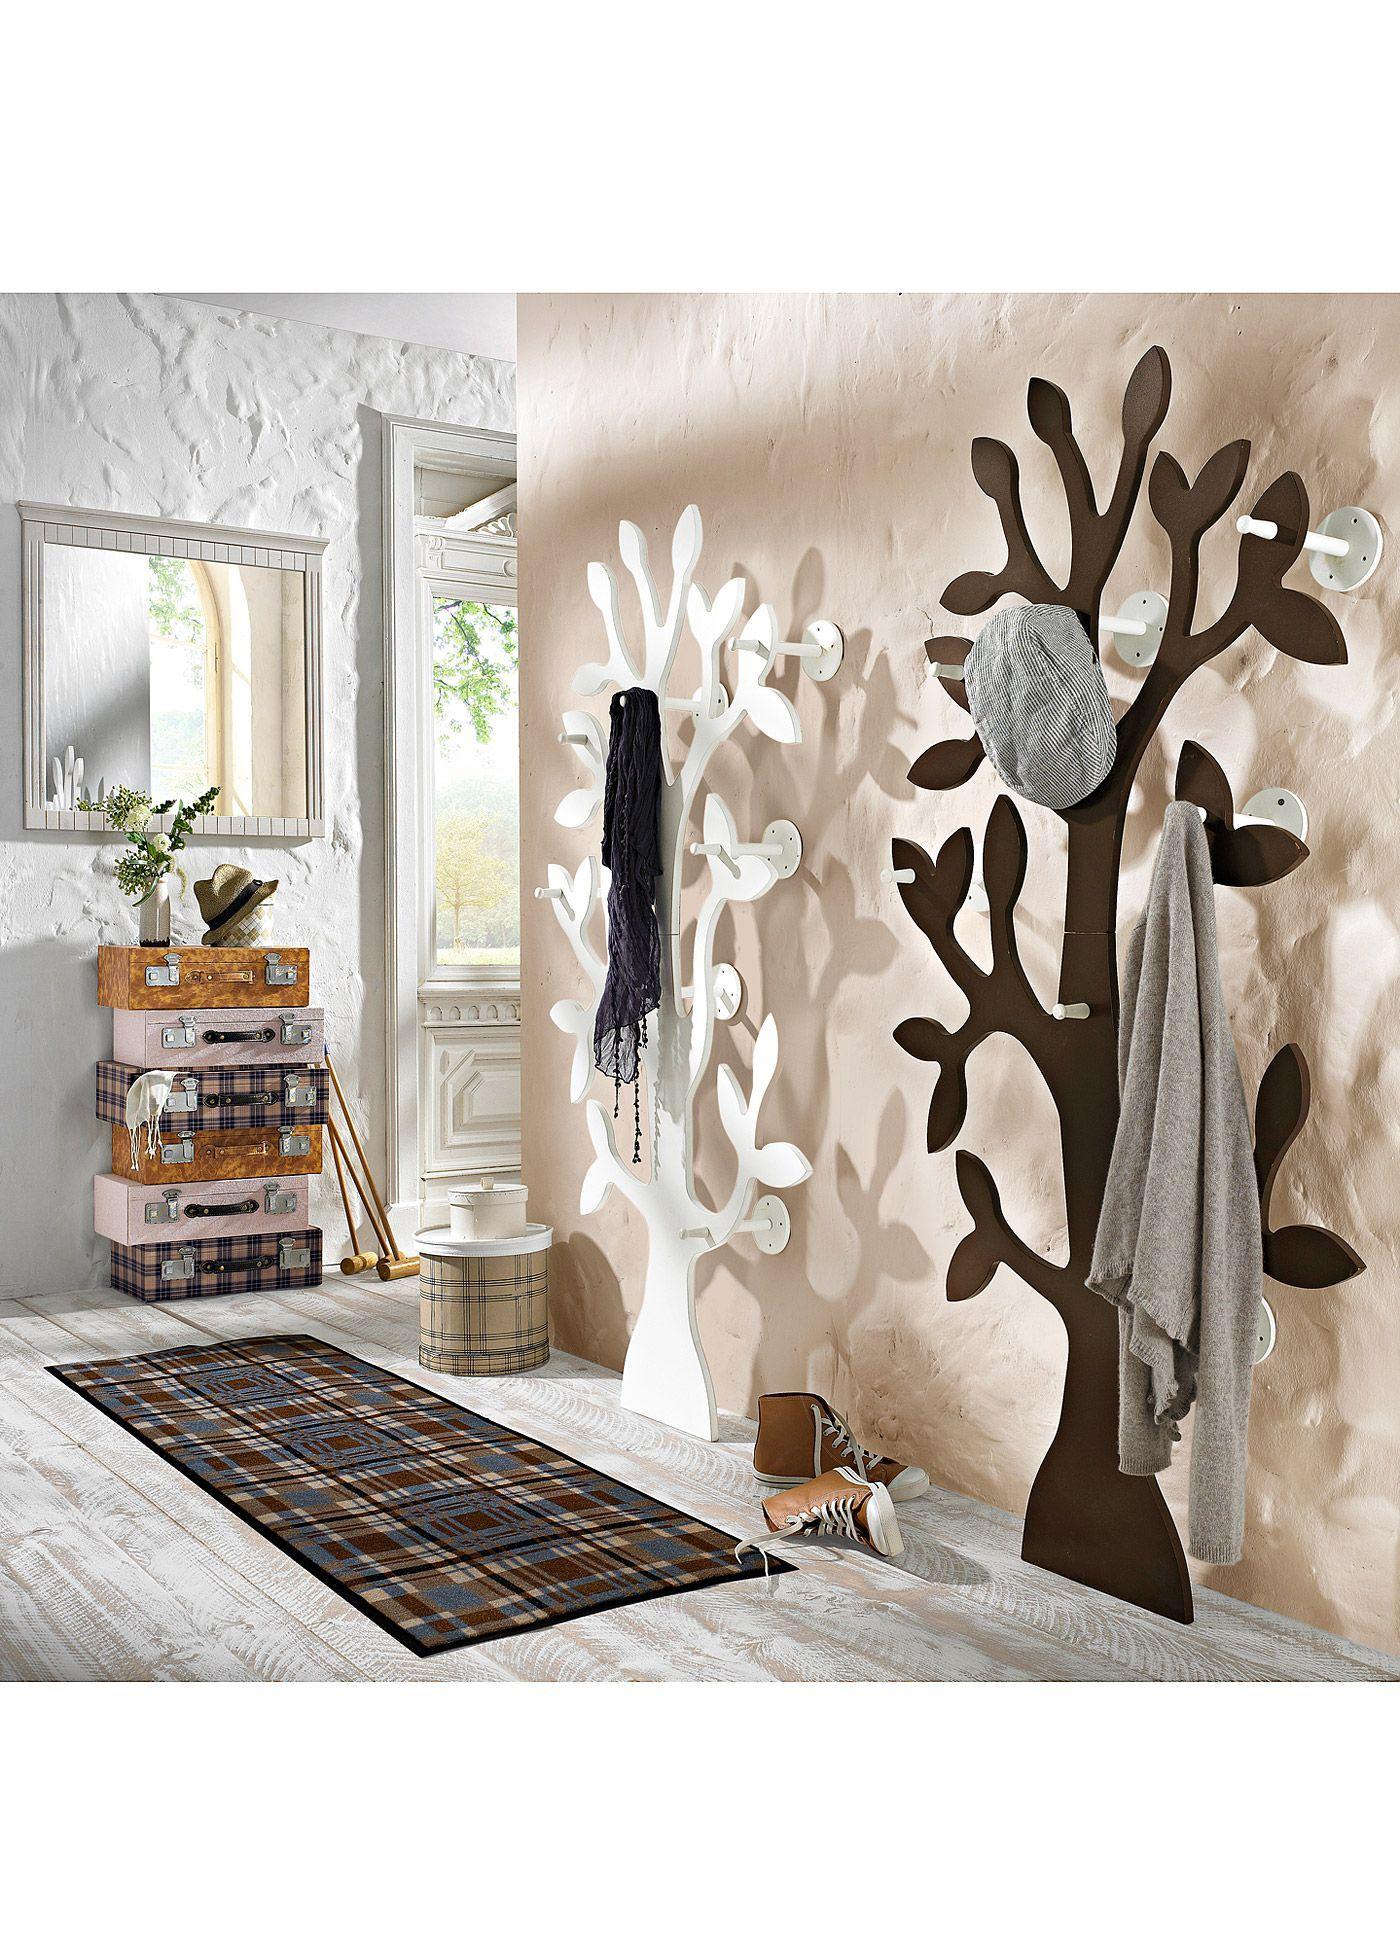 Die Garderobe Im Baum Design Ist Formschon Und Aussergewohnlich Weiss In 2020 Home Decor Home Decor Furniture Decor